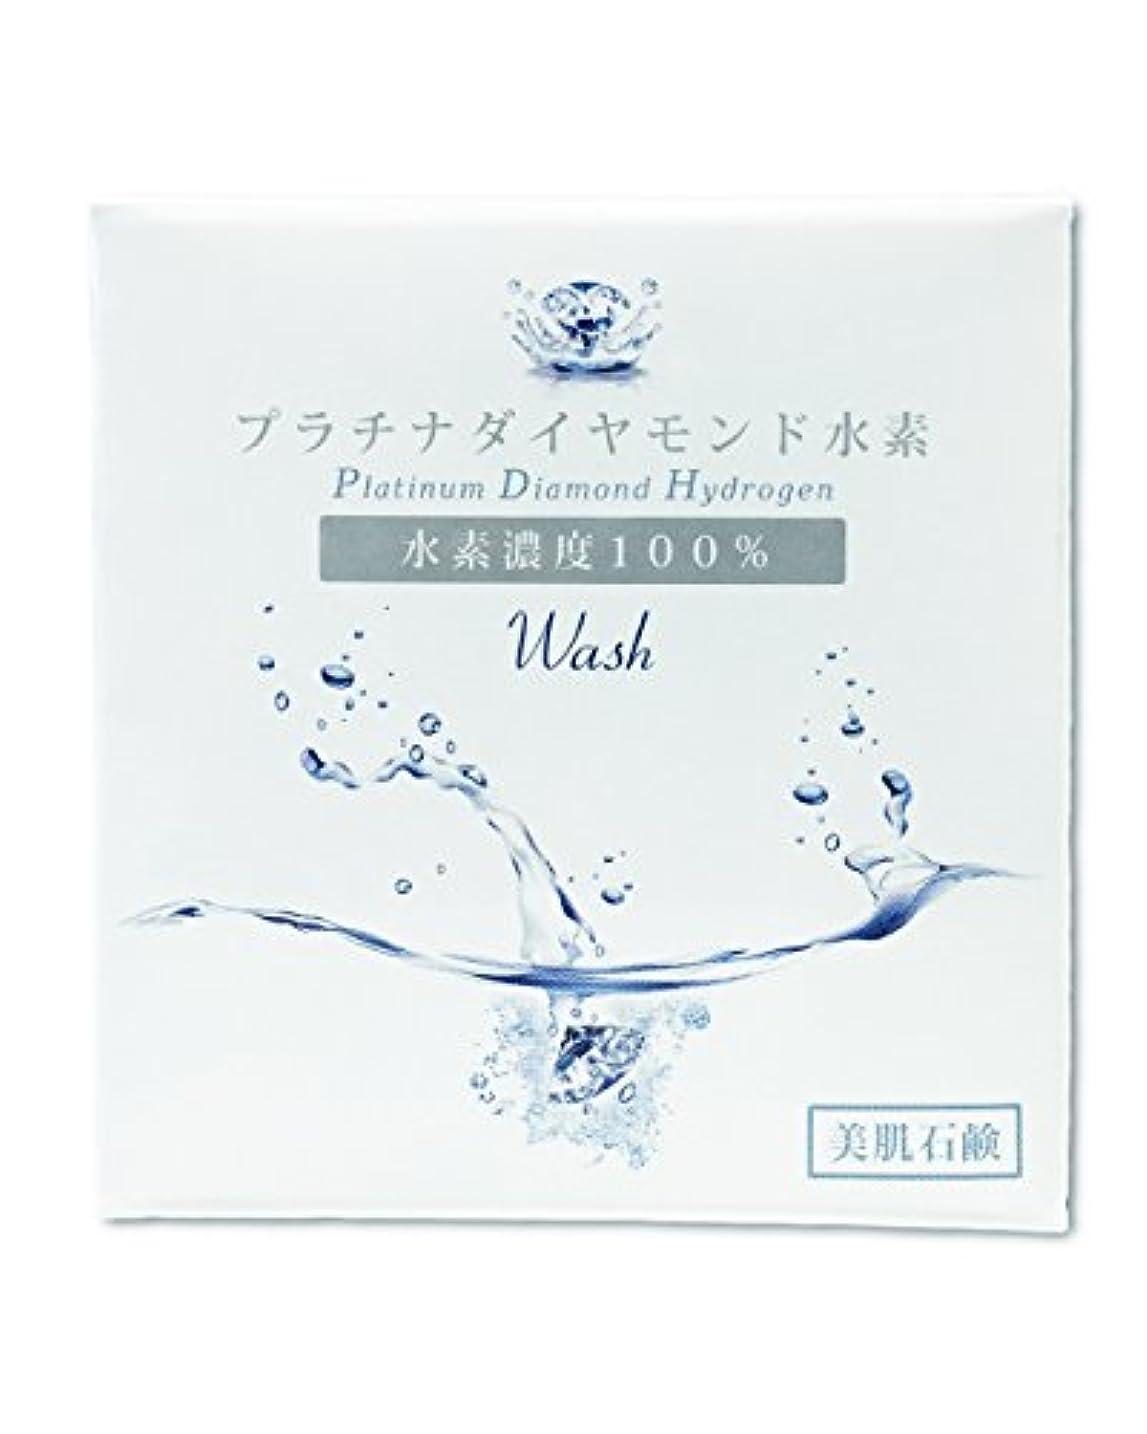 軽食哀れな風刺水素石鹸 プラチナダイヤモンド水素Wash